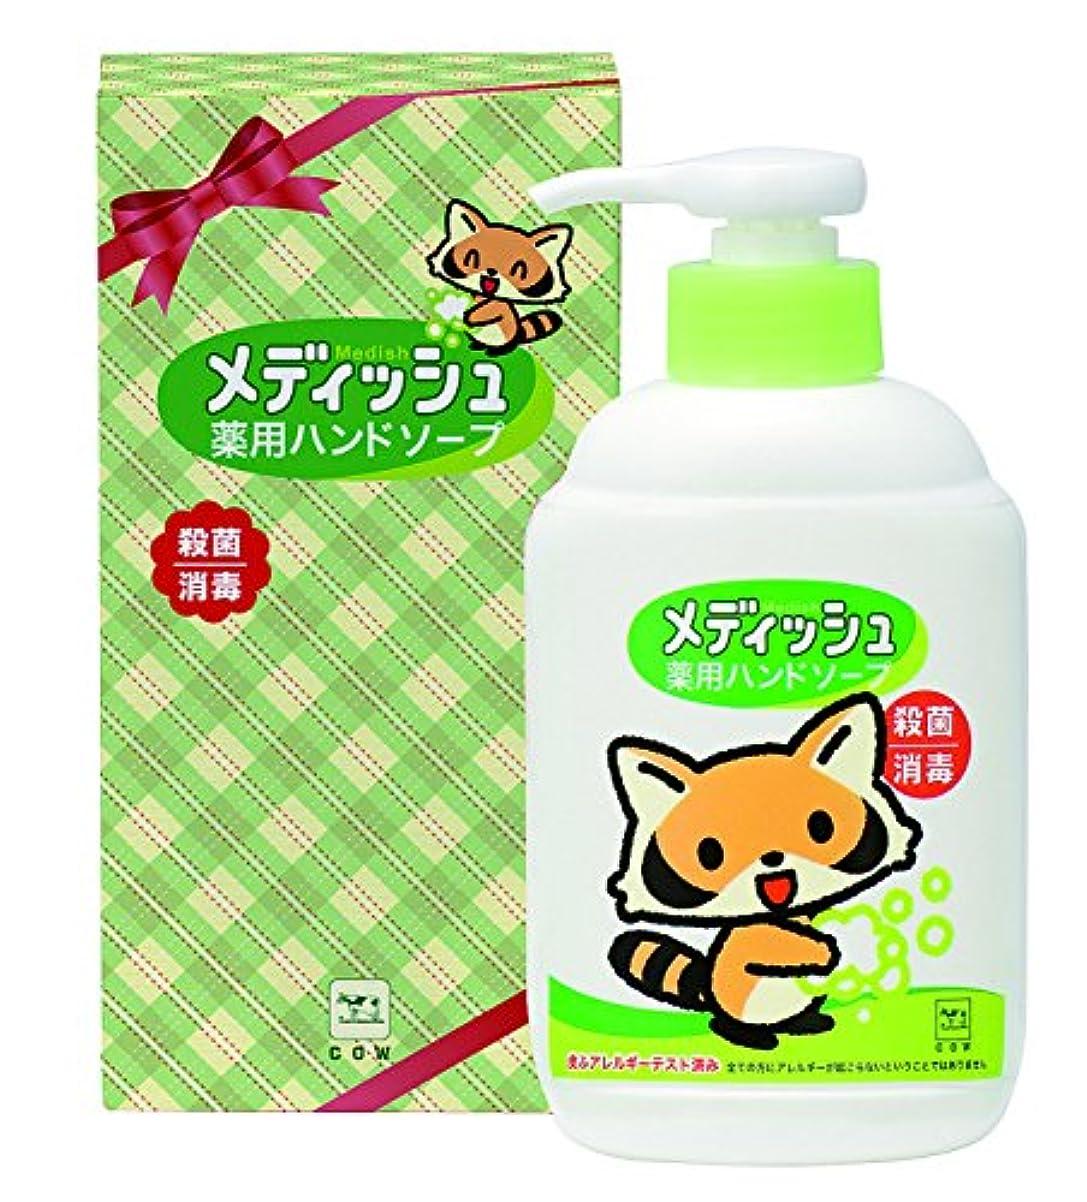 添加剤バルブ使用法牛乳石鹸 メディッシュ 薬用ハンドソープ 250mlMS35